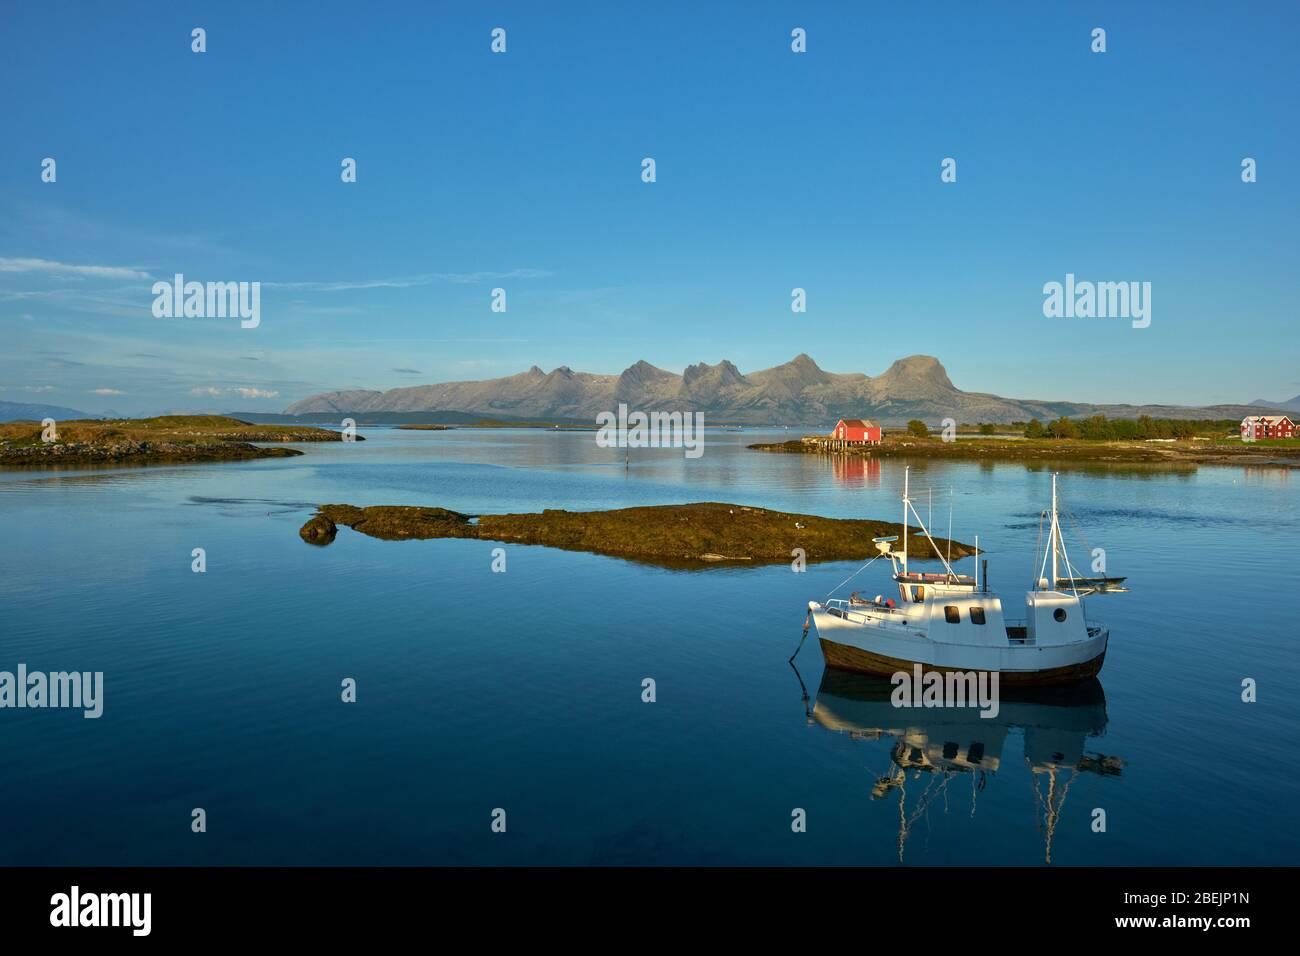 Una barca da pesca solista ormeggiata nel mare ancora estivo di South Heroy e Alsta e la catena montuosa delle sette Sorelle in Helgeland Nordland Norvegia Foto Stock